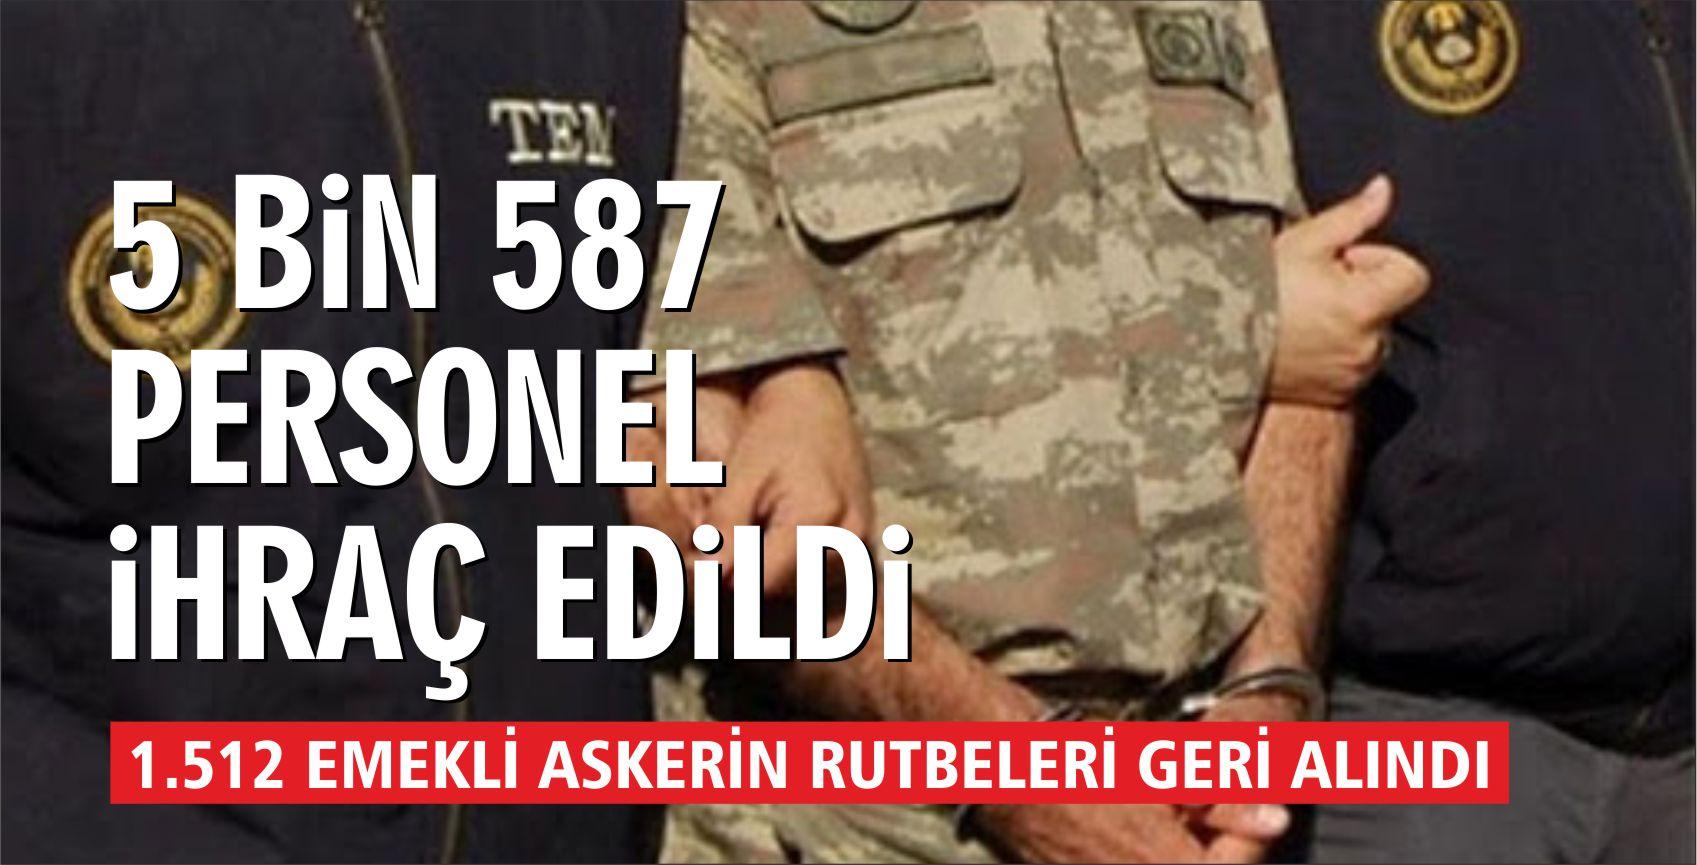 TSK'DAN 5 BİN 587 PERSONEL İHRAÇ EDİLDİ